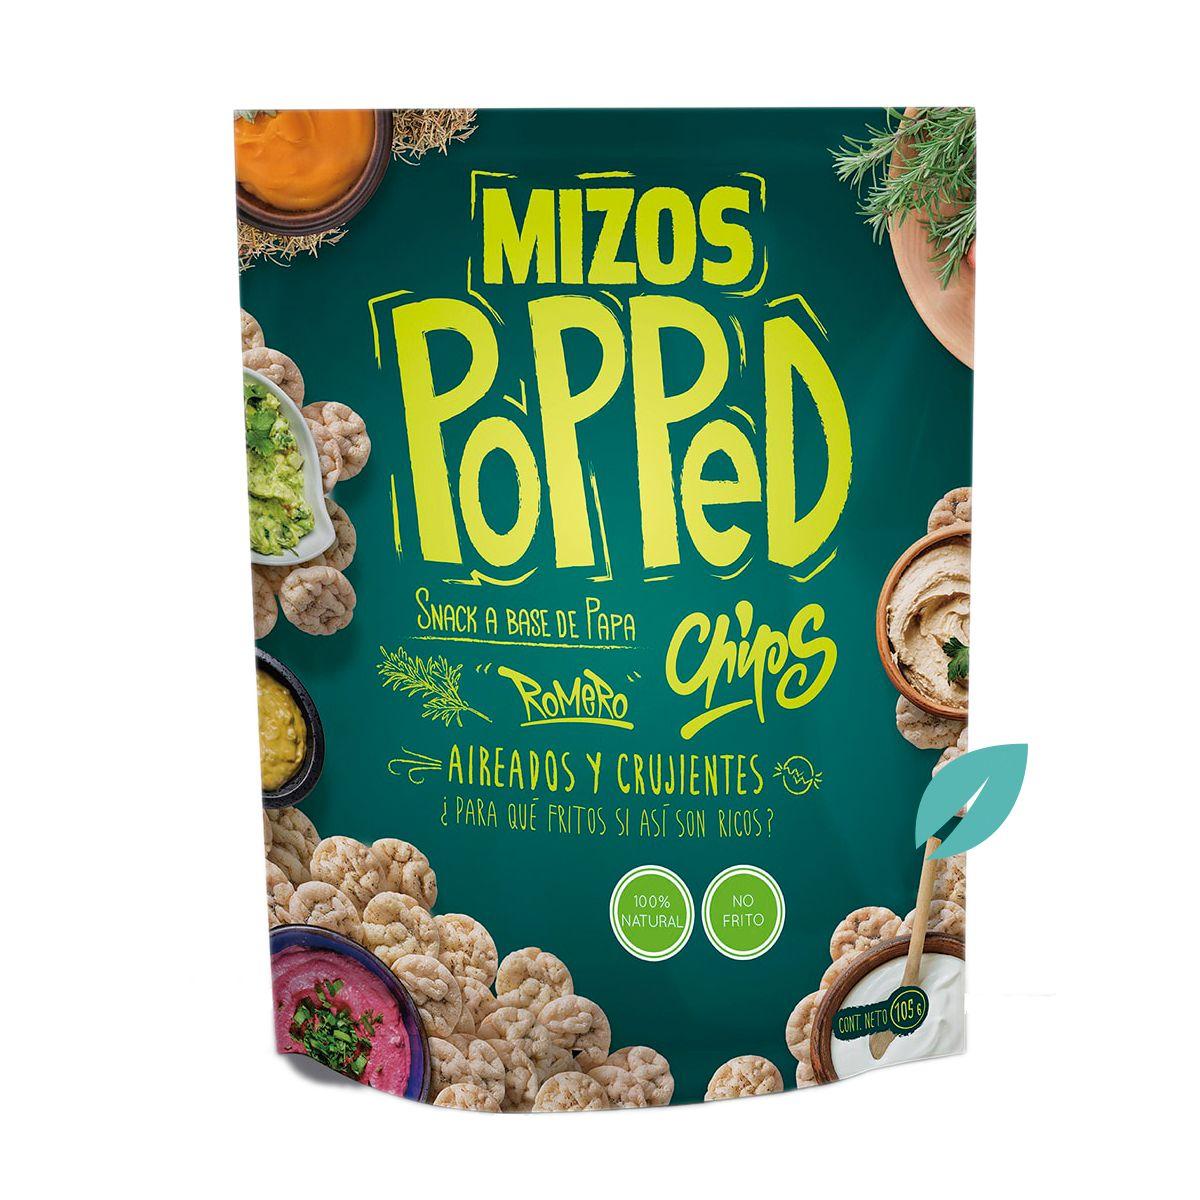 Mizos Popped Chips Papa Con Romero 105 grs